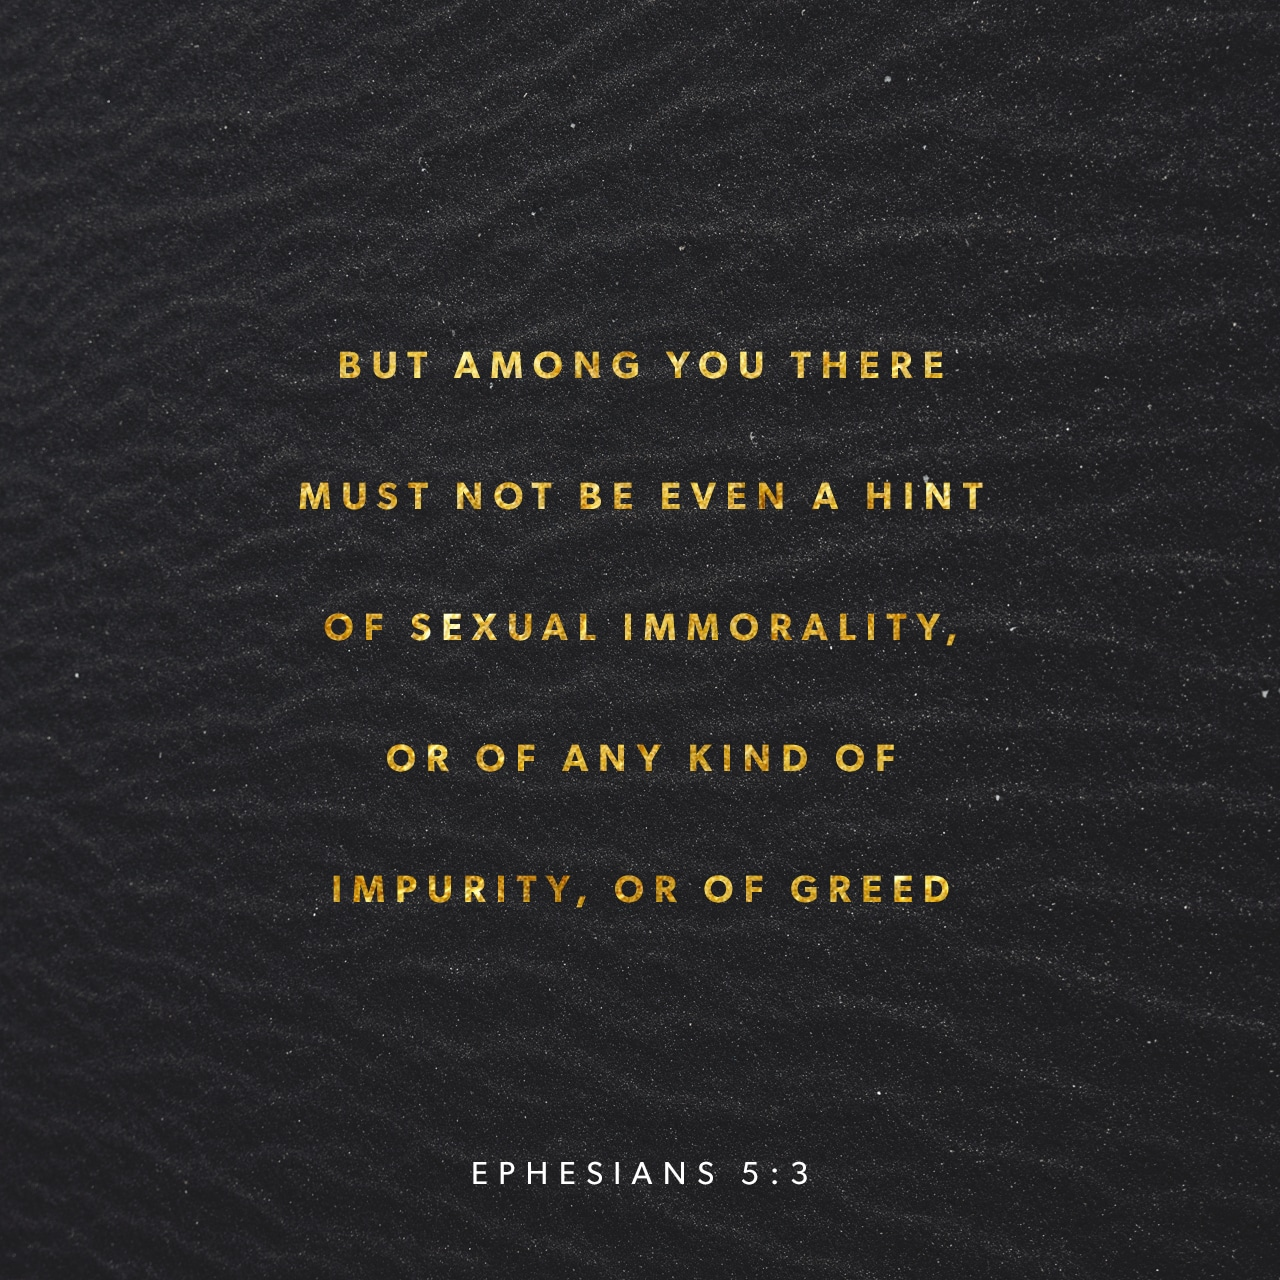 Ephesians 5:3